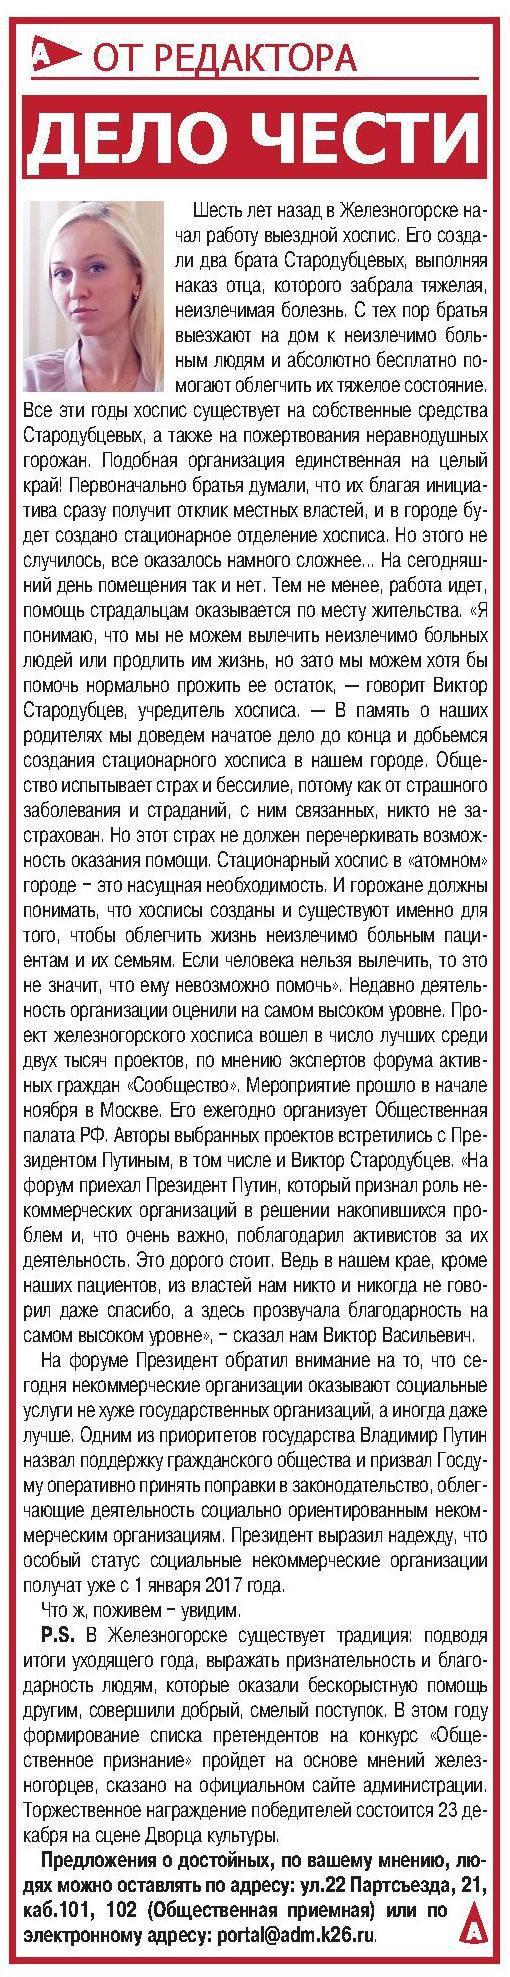 От редактора газеты «Апельсин» от 17 ноября 2016 г.